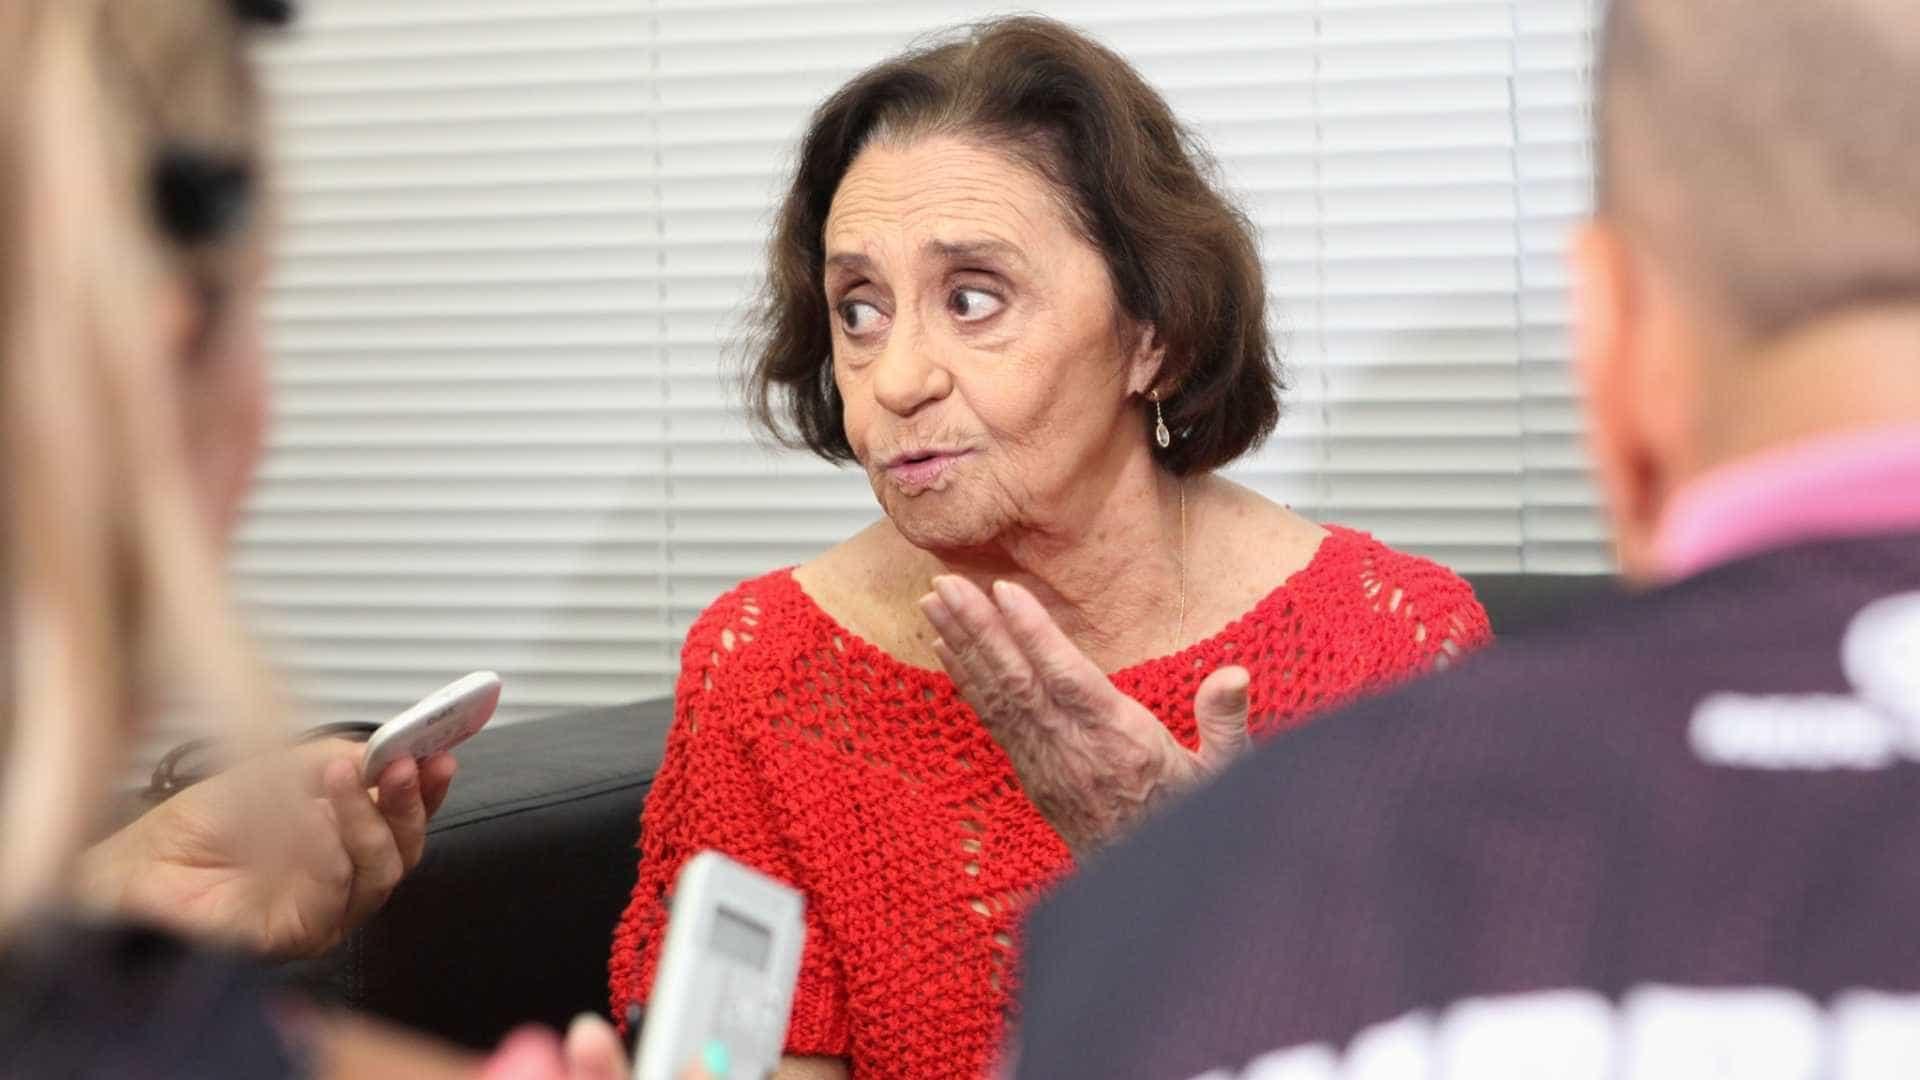 Laura Cardoso critica beijo lésbico em Malhação: 'Não há necessidade'